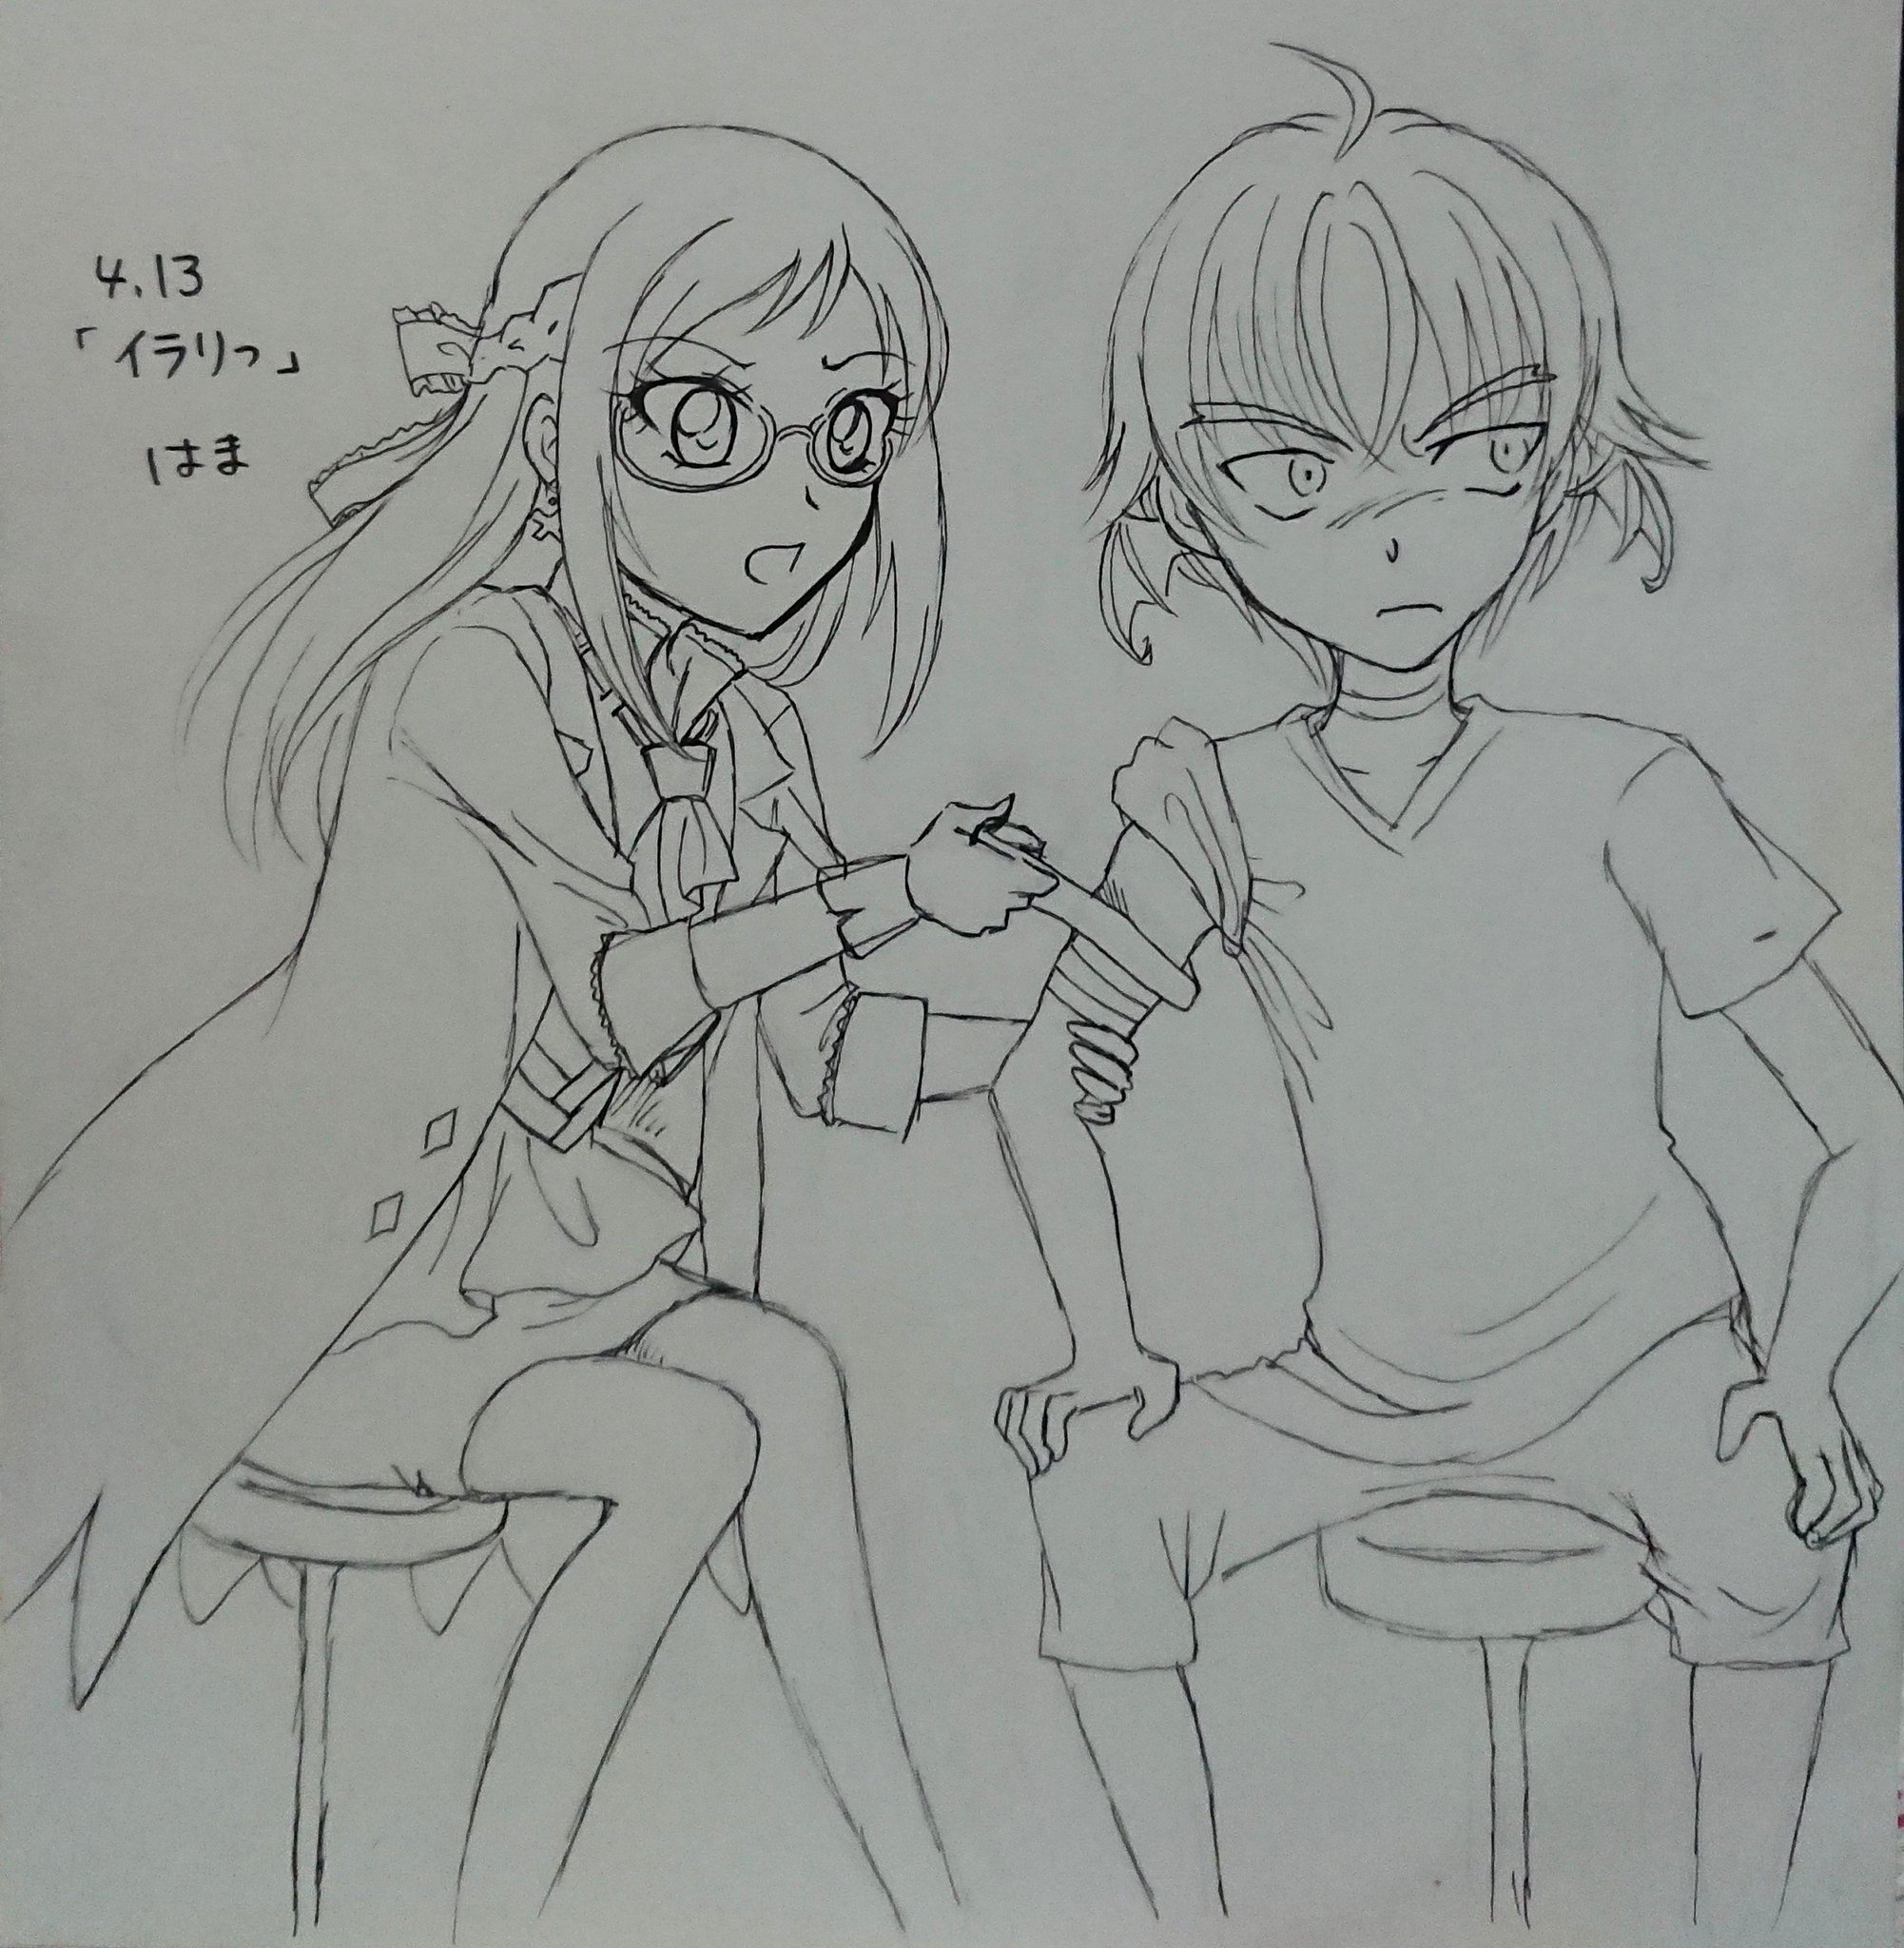 はまはな (@hamako_hamahana)さんのイラスト